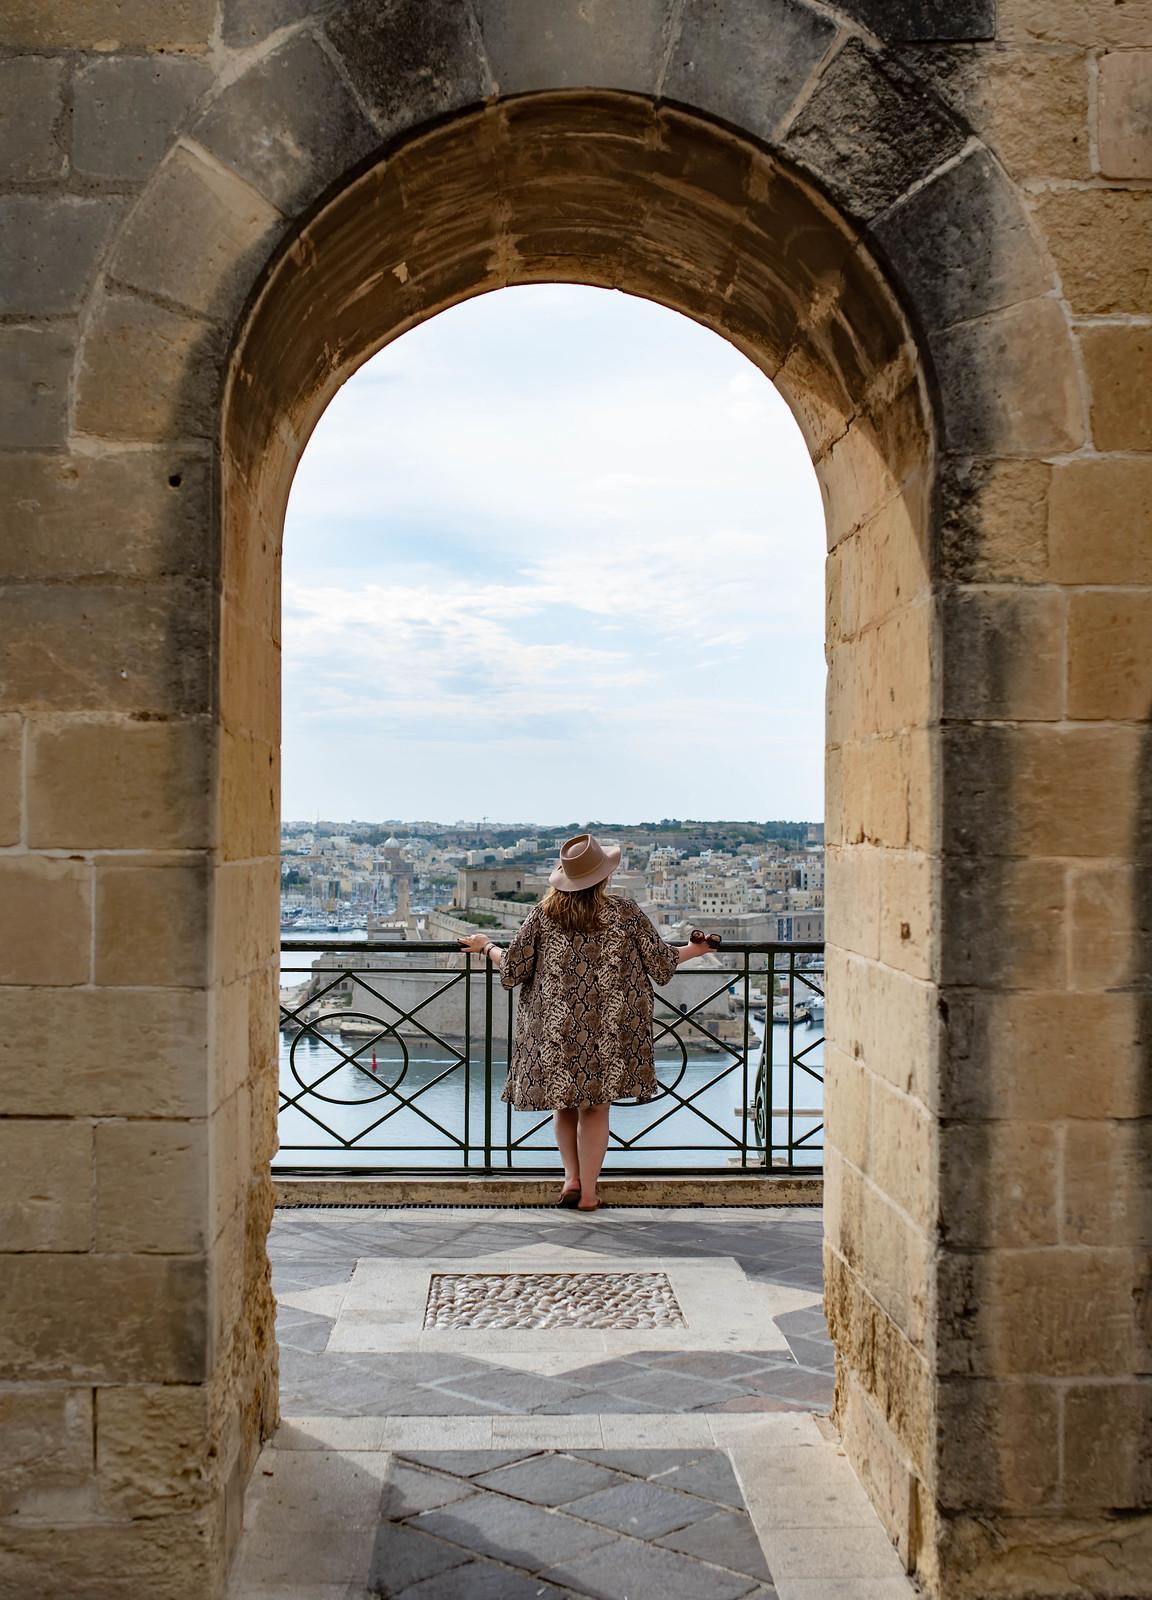 malta travel guide tips